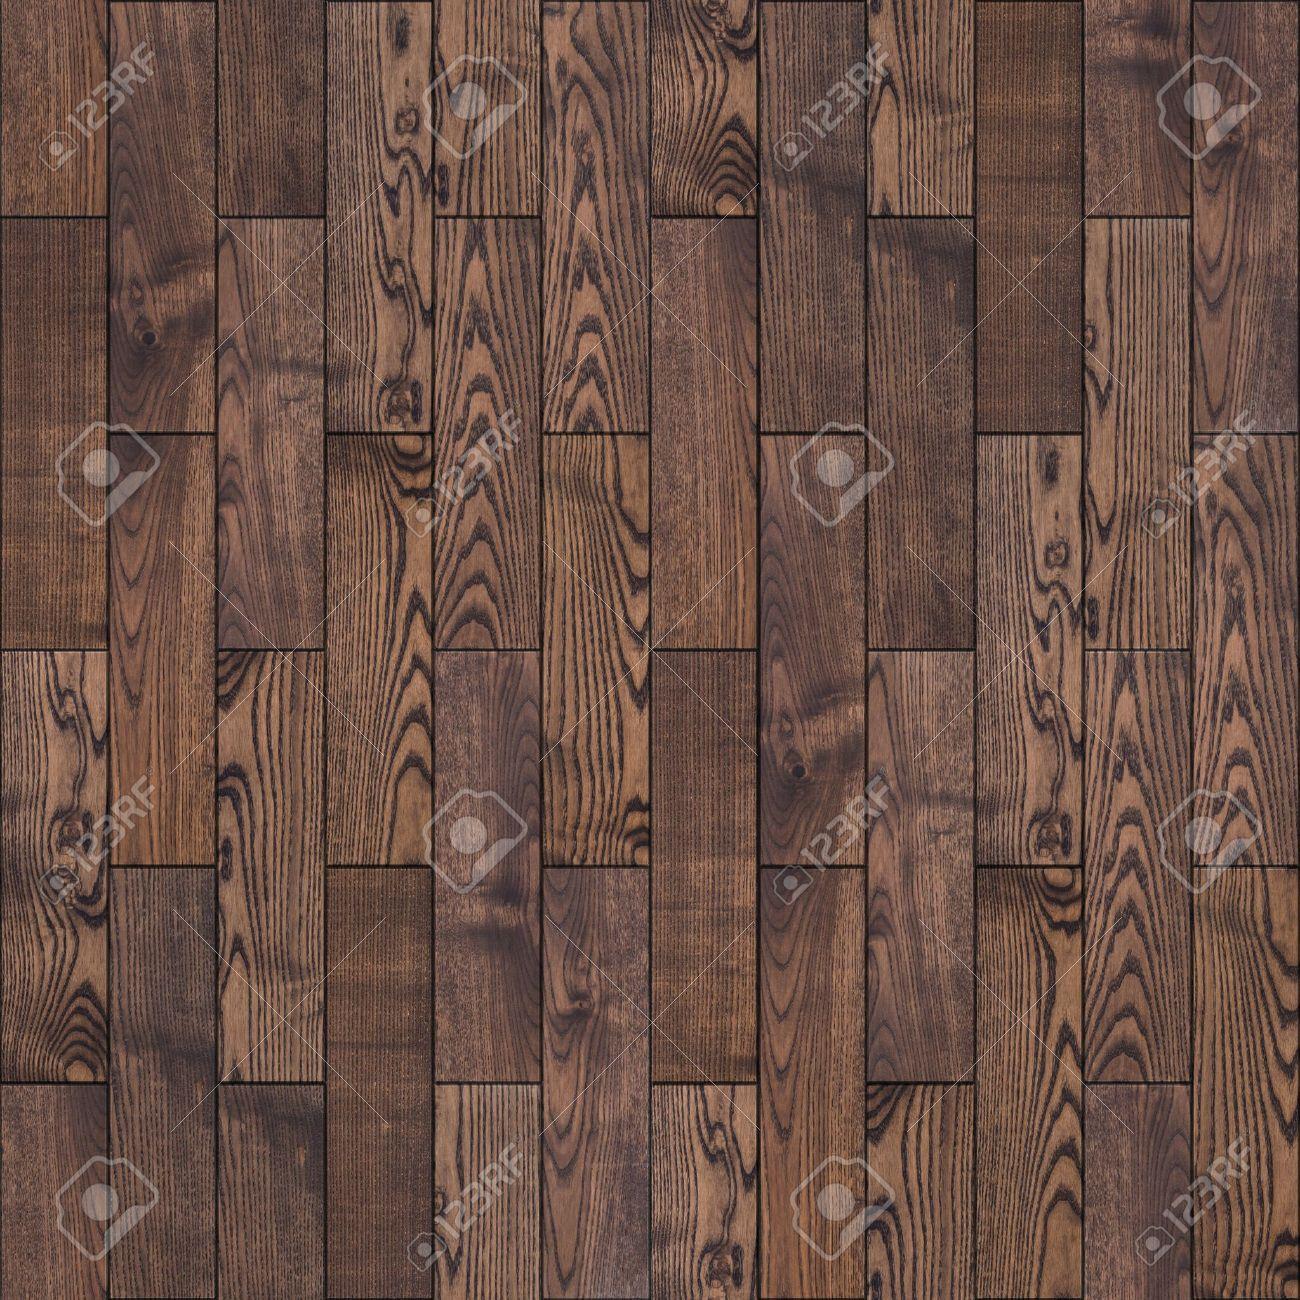 Parkett braun  Braun Holz Parkett Sehr Detaillierte Seamless Texture Tileable ...